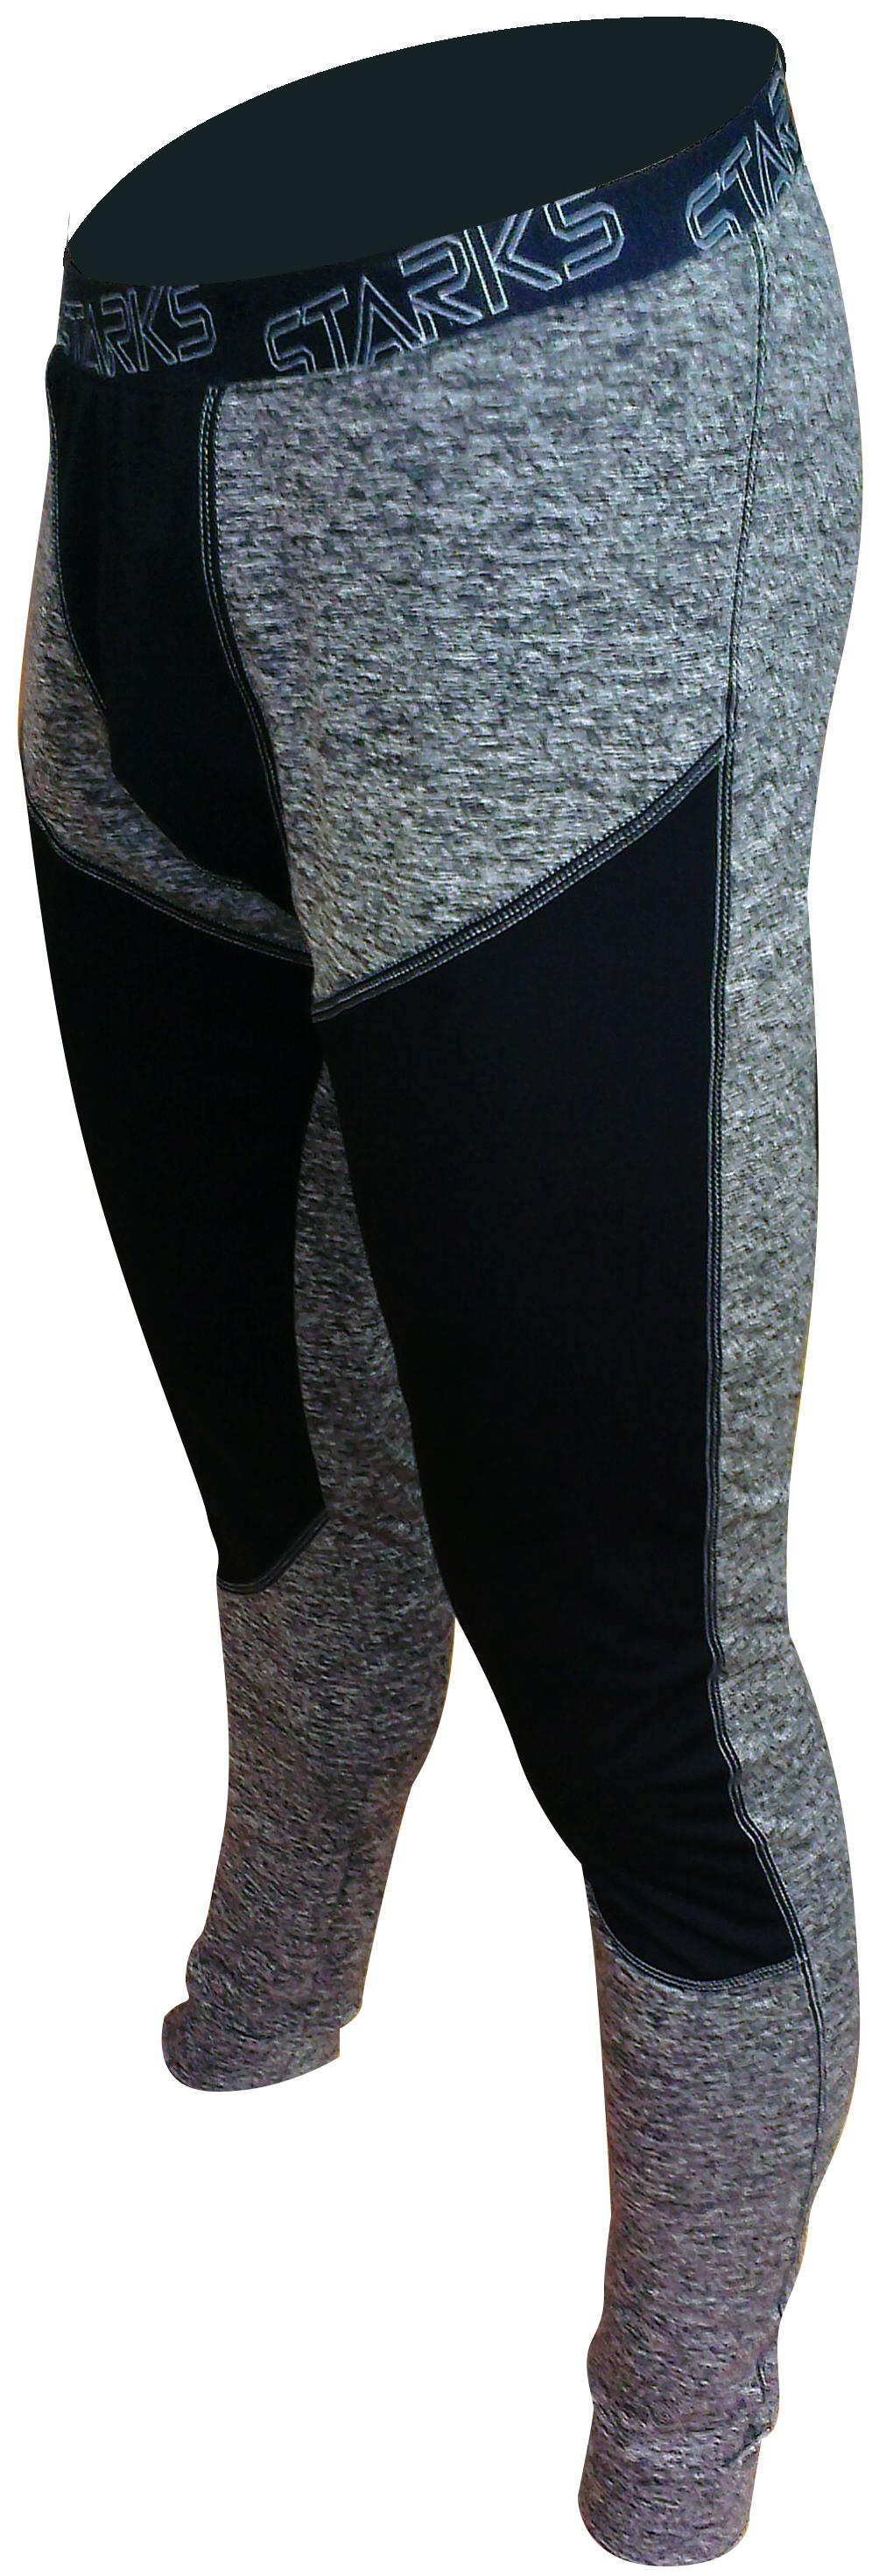 Термобелье брюки Starks Warm Extreme, зимние, цвет: черный, серый. ЛЦ0025. Размер LЛЦ0025_LВысокотехнологичное термобелье Starks Warm Extreme гарантированно на 100% не пропускает ветер, хорошо тянется и выпускает влагу наружу.Белье рекомендуется для использования не только спортсменам зимних видов спорта, но и парашютистам, мотоциклистам, велосипедистам - всем, кто испытывает дискомфорт при сильном ветре, повышенной влажности. Анатомическое, выполнено из европейской сертифицированной ткани PolarStretch и WindStopper. Высокие эластичные свойства материала позволяют белью максимально повторять индивидуальную анатомию тела. Отличные влагоотводящие свойства, позволяют телу оставаться сухим. Термоизоляционные свойства, позволяют исключить переохлаждение или перегрев. Особенности: - Stop Bacteria - ткань с ионами серебра, предотвращает образование и развитие бактерий. Исключено образование запаха.-Защита от перегрева или переохлаждения.-Система мягких и плоских швов.-Гипоаллергенно. Состав: 92% полиэстер, 8% эластан.